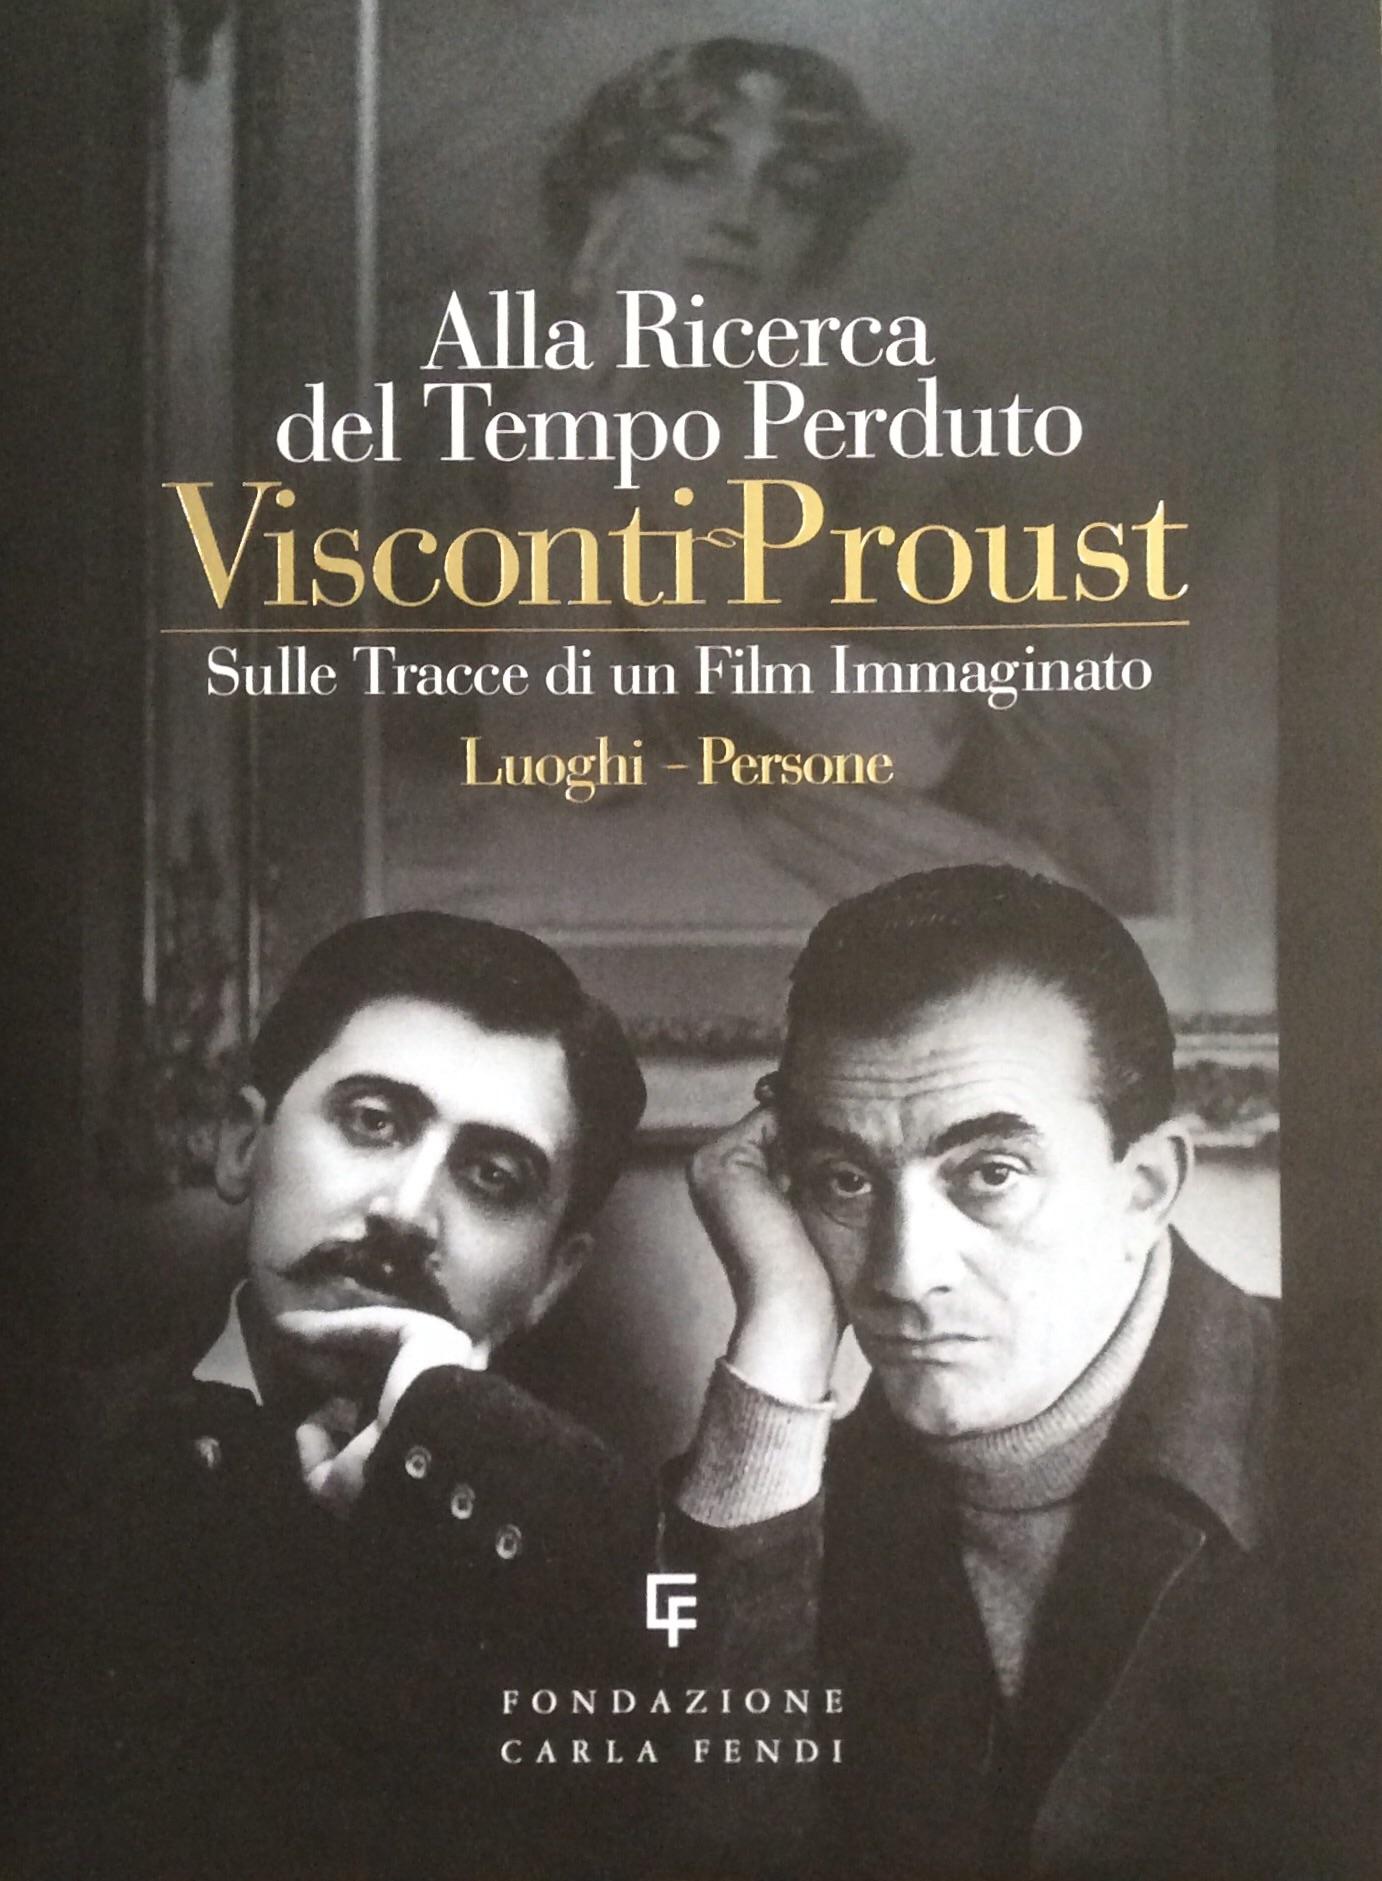 Visconti Proust - Alla ricerca del tempo perduto